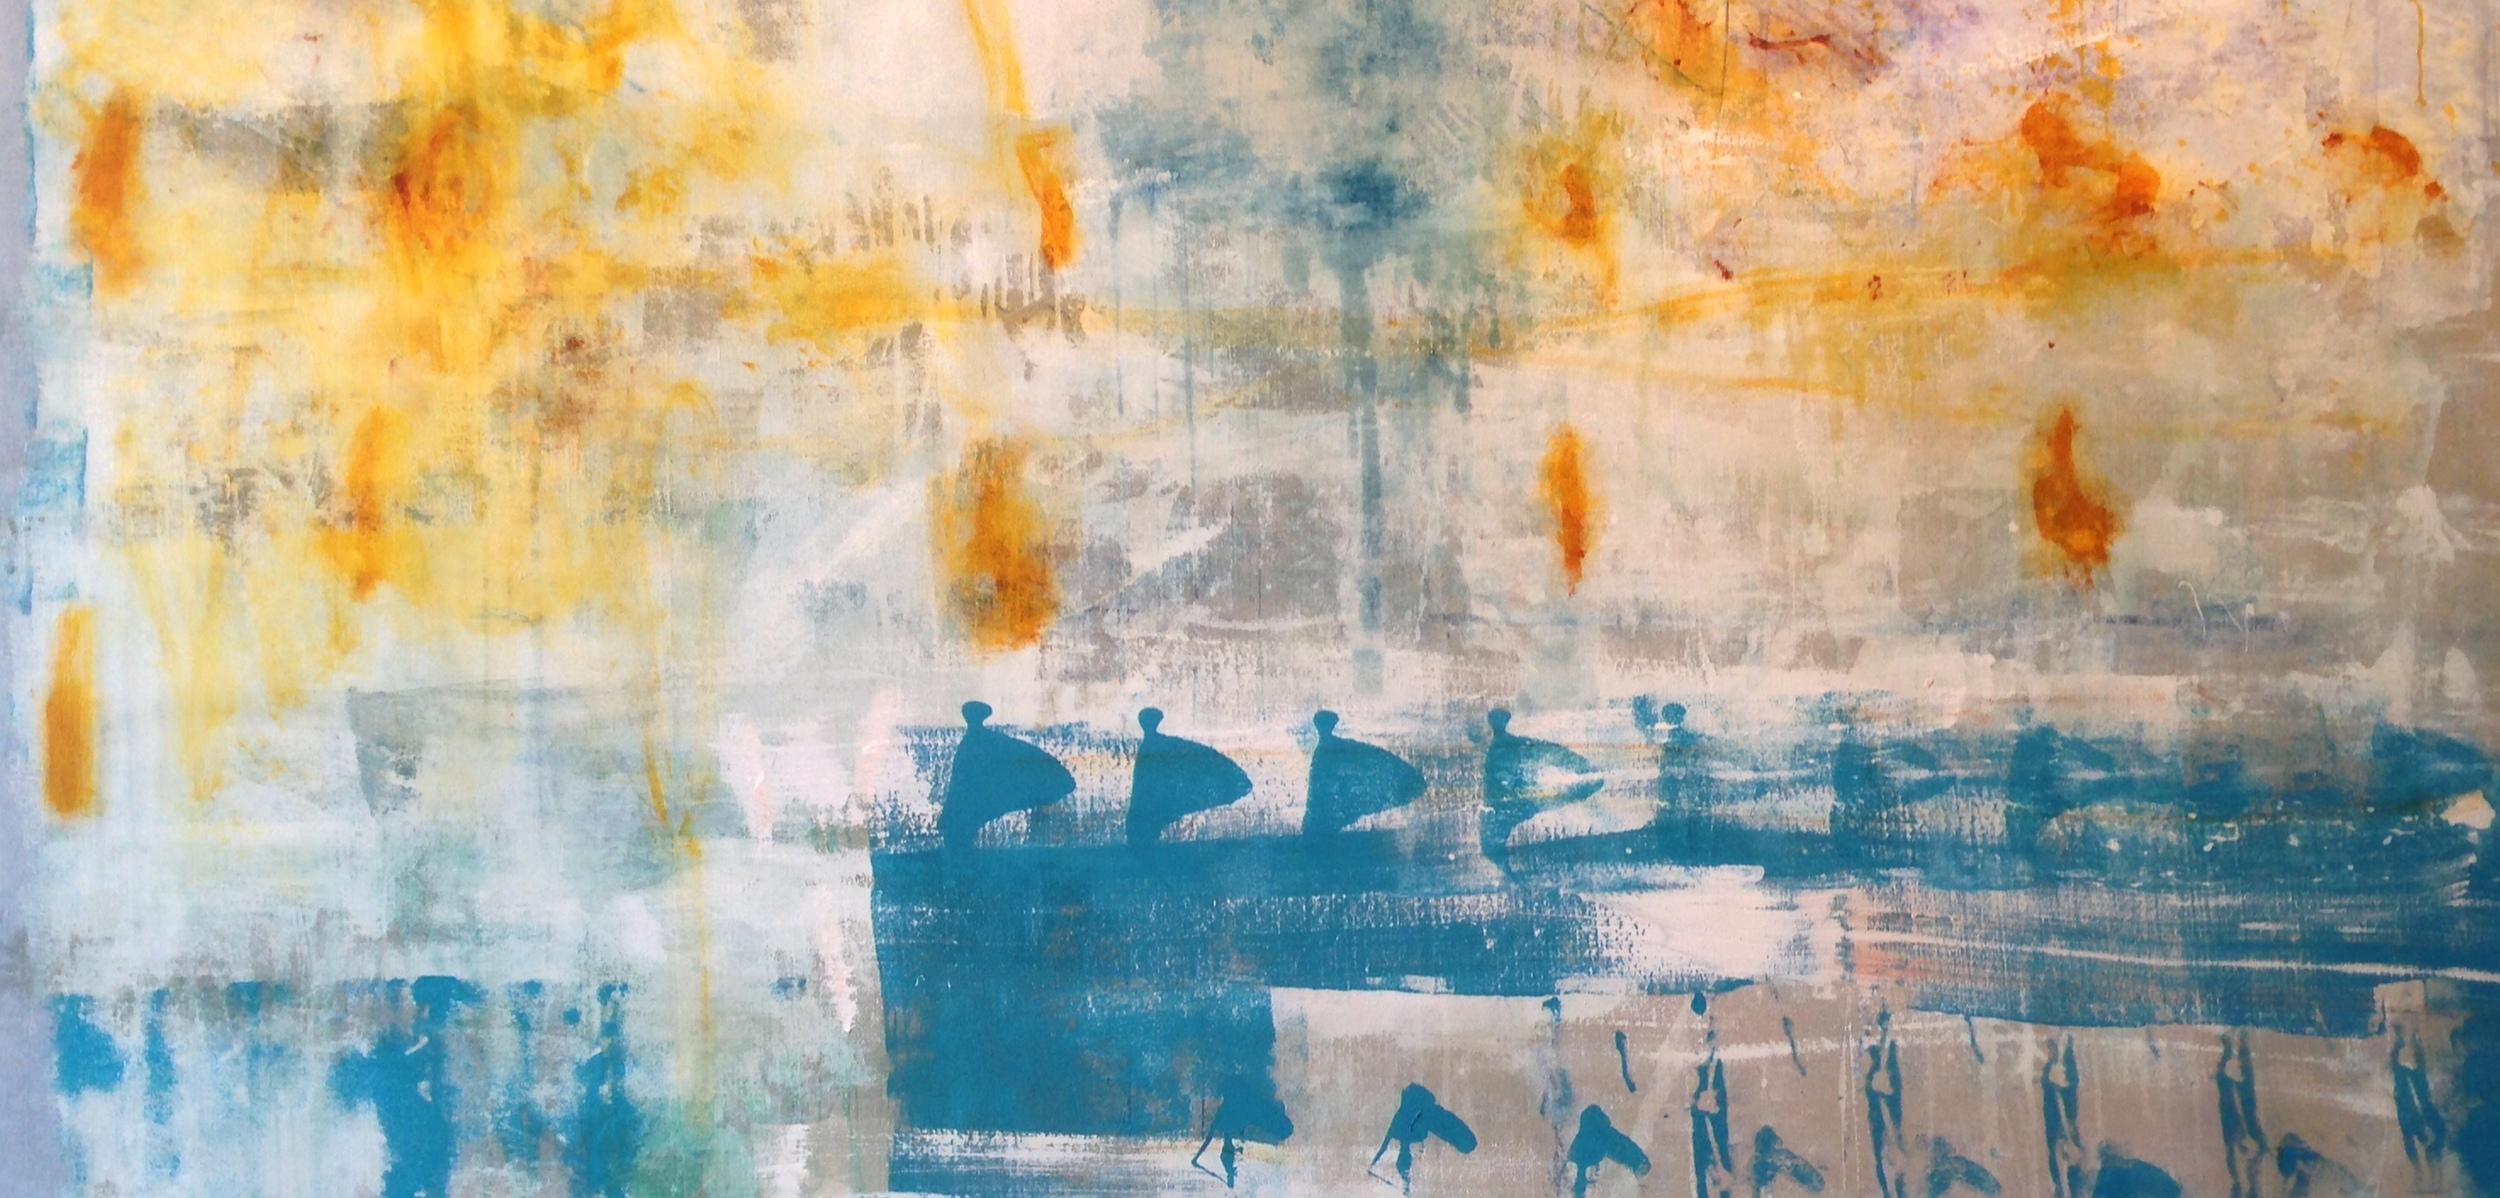 """1224, oil and acrylic on unprimed canvas, 2014, 96"""" x 48"""", $8,250"""